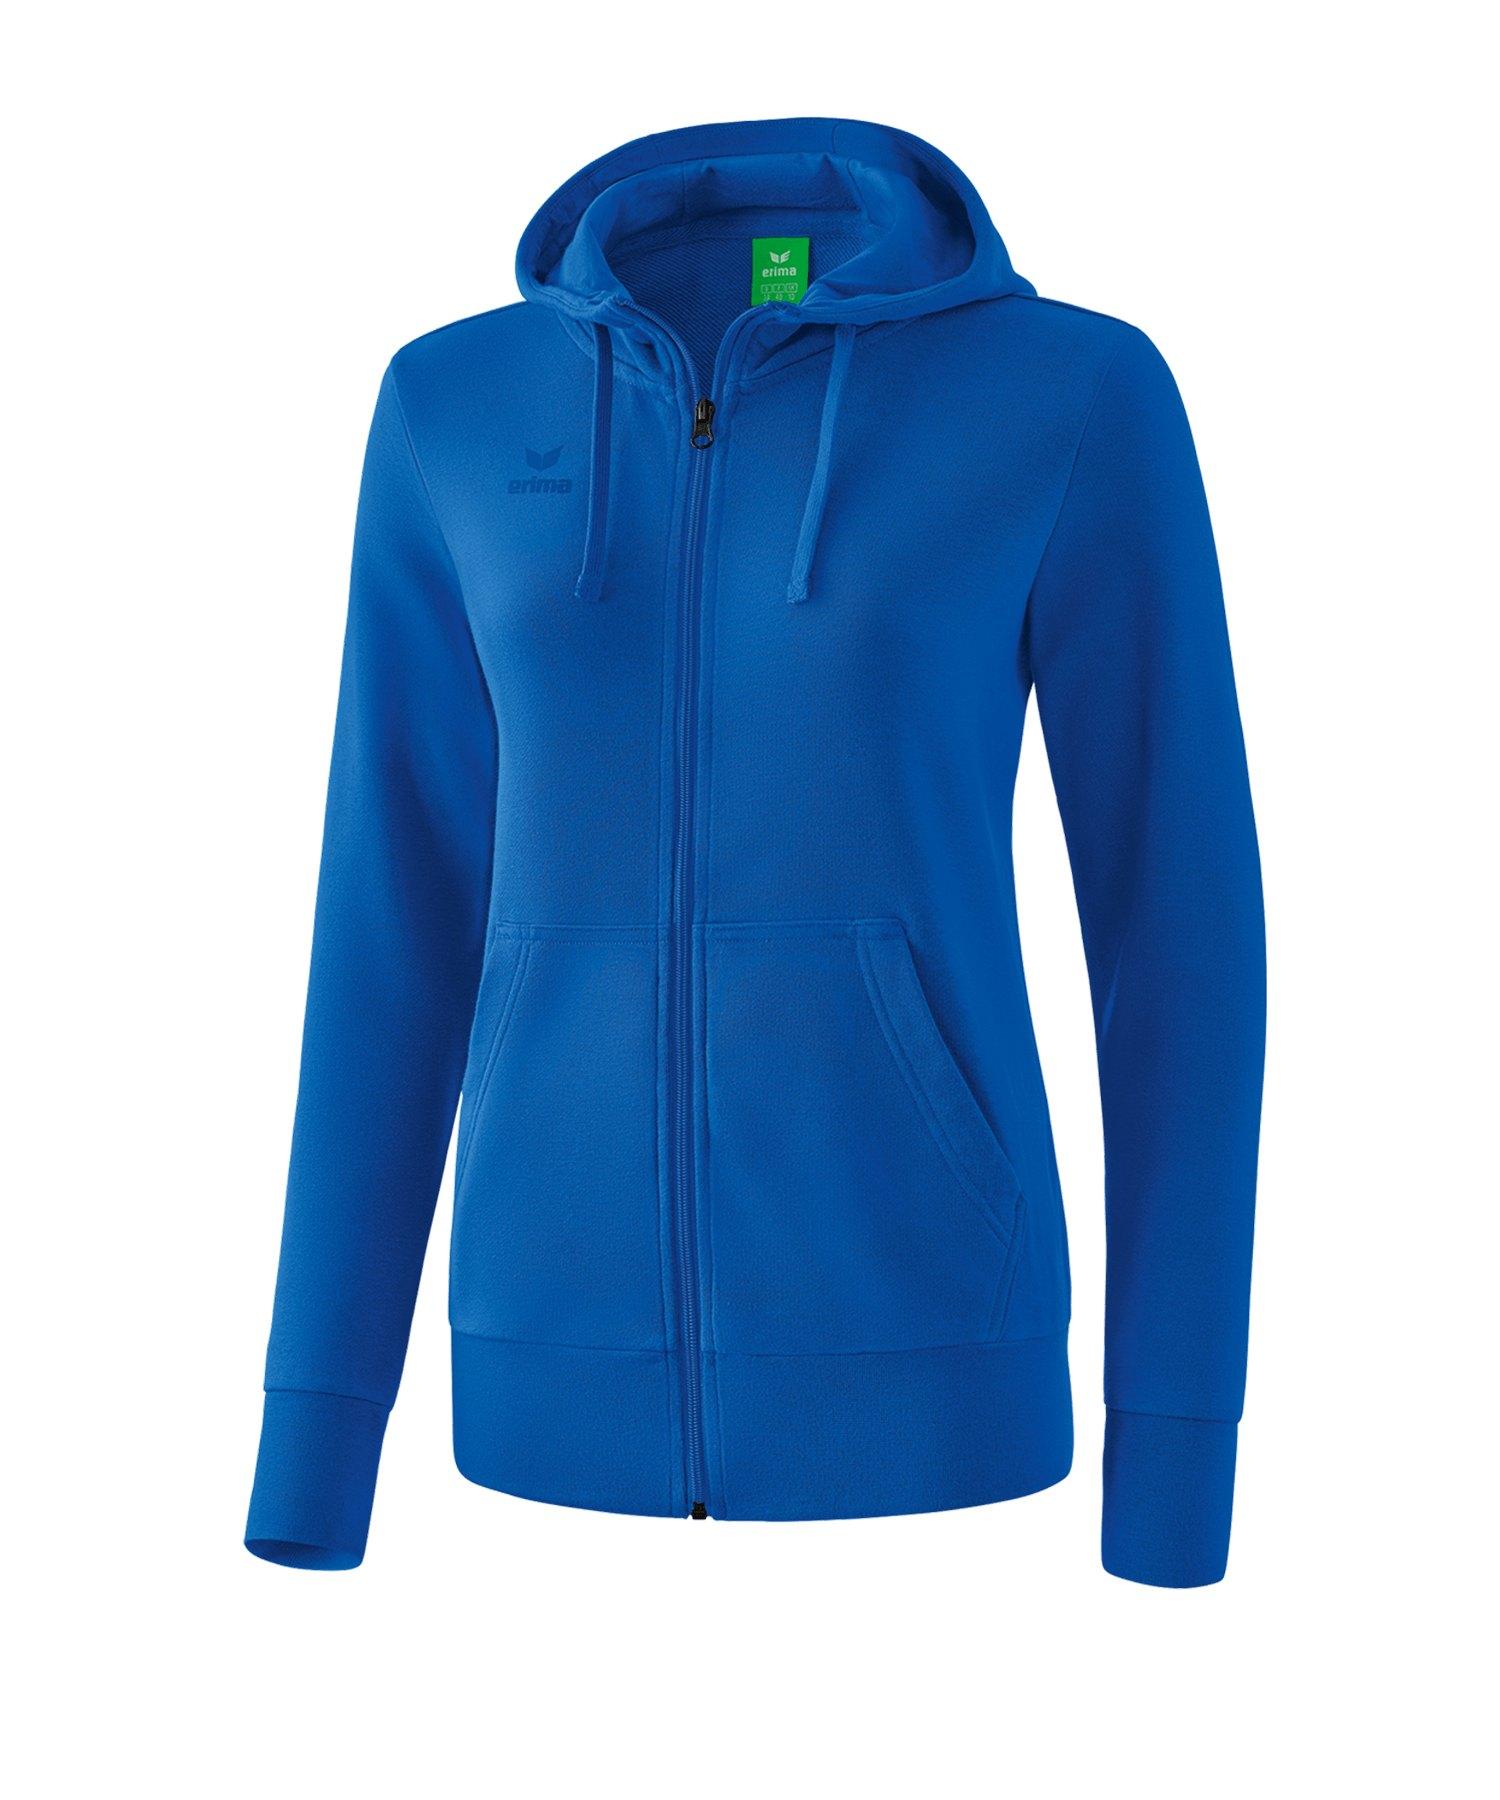 Erima Basic Kapuzenjacke Damen Blau - blau